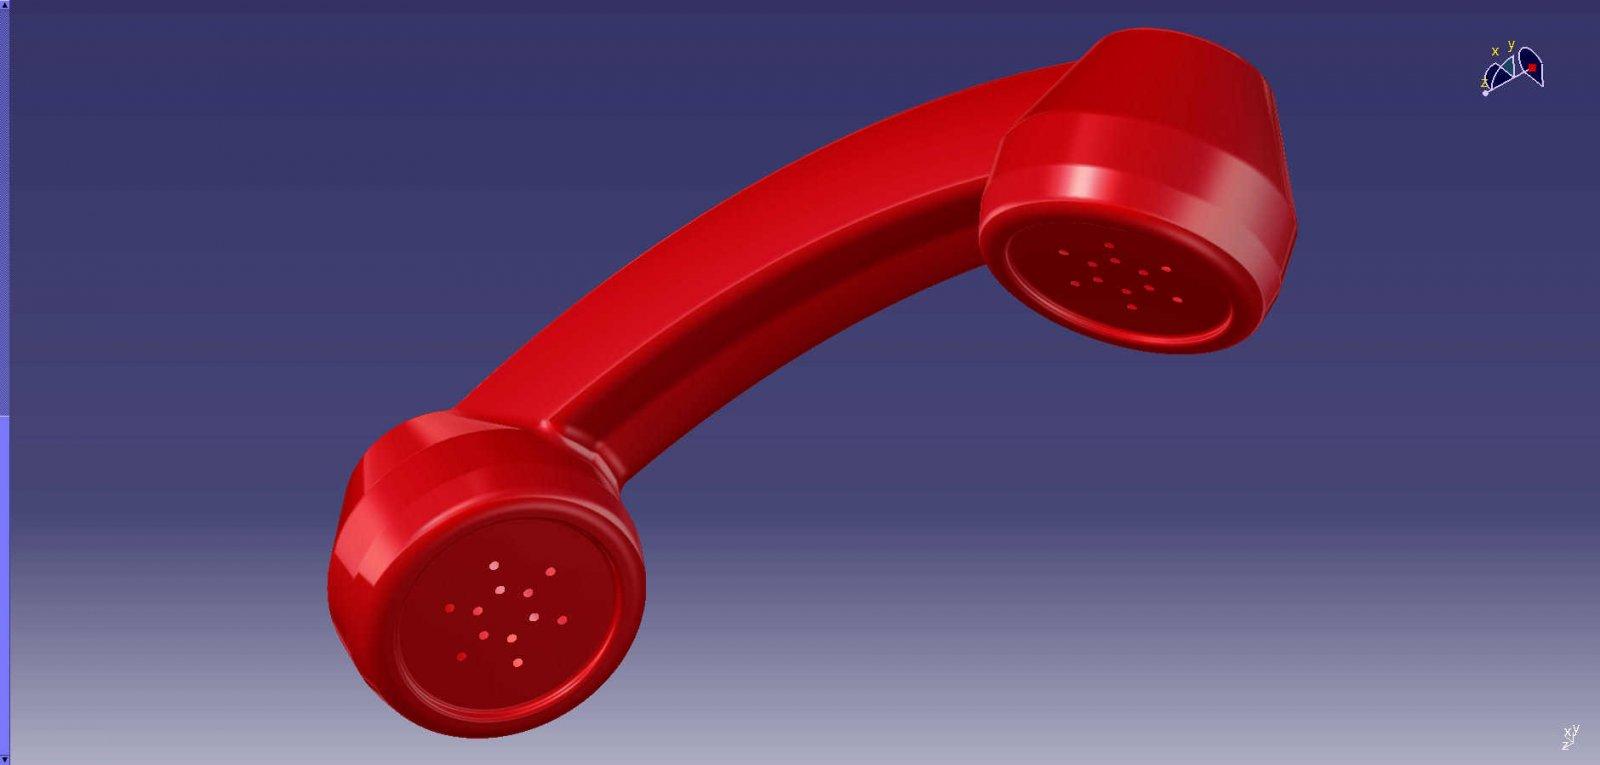 74 Telefon.jpg